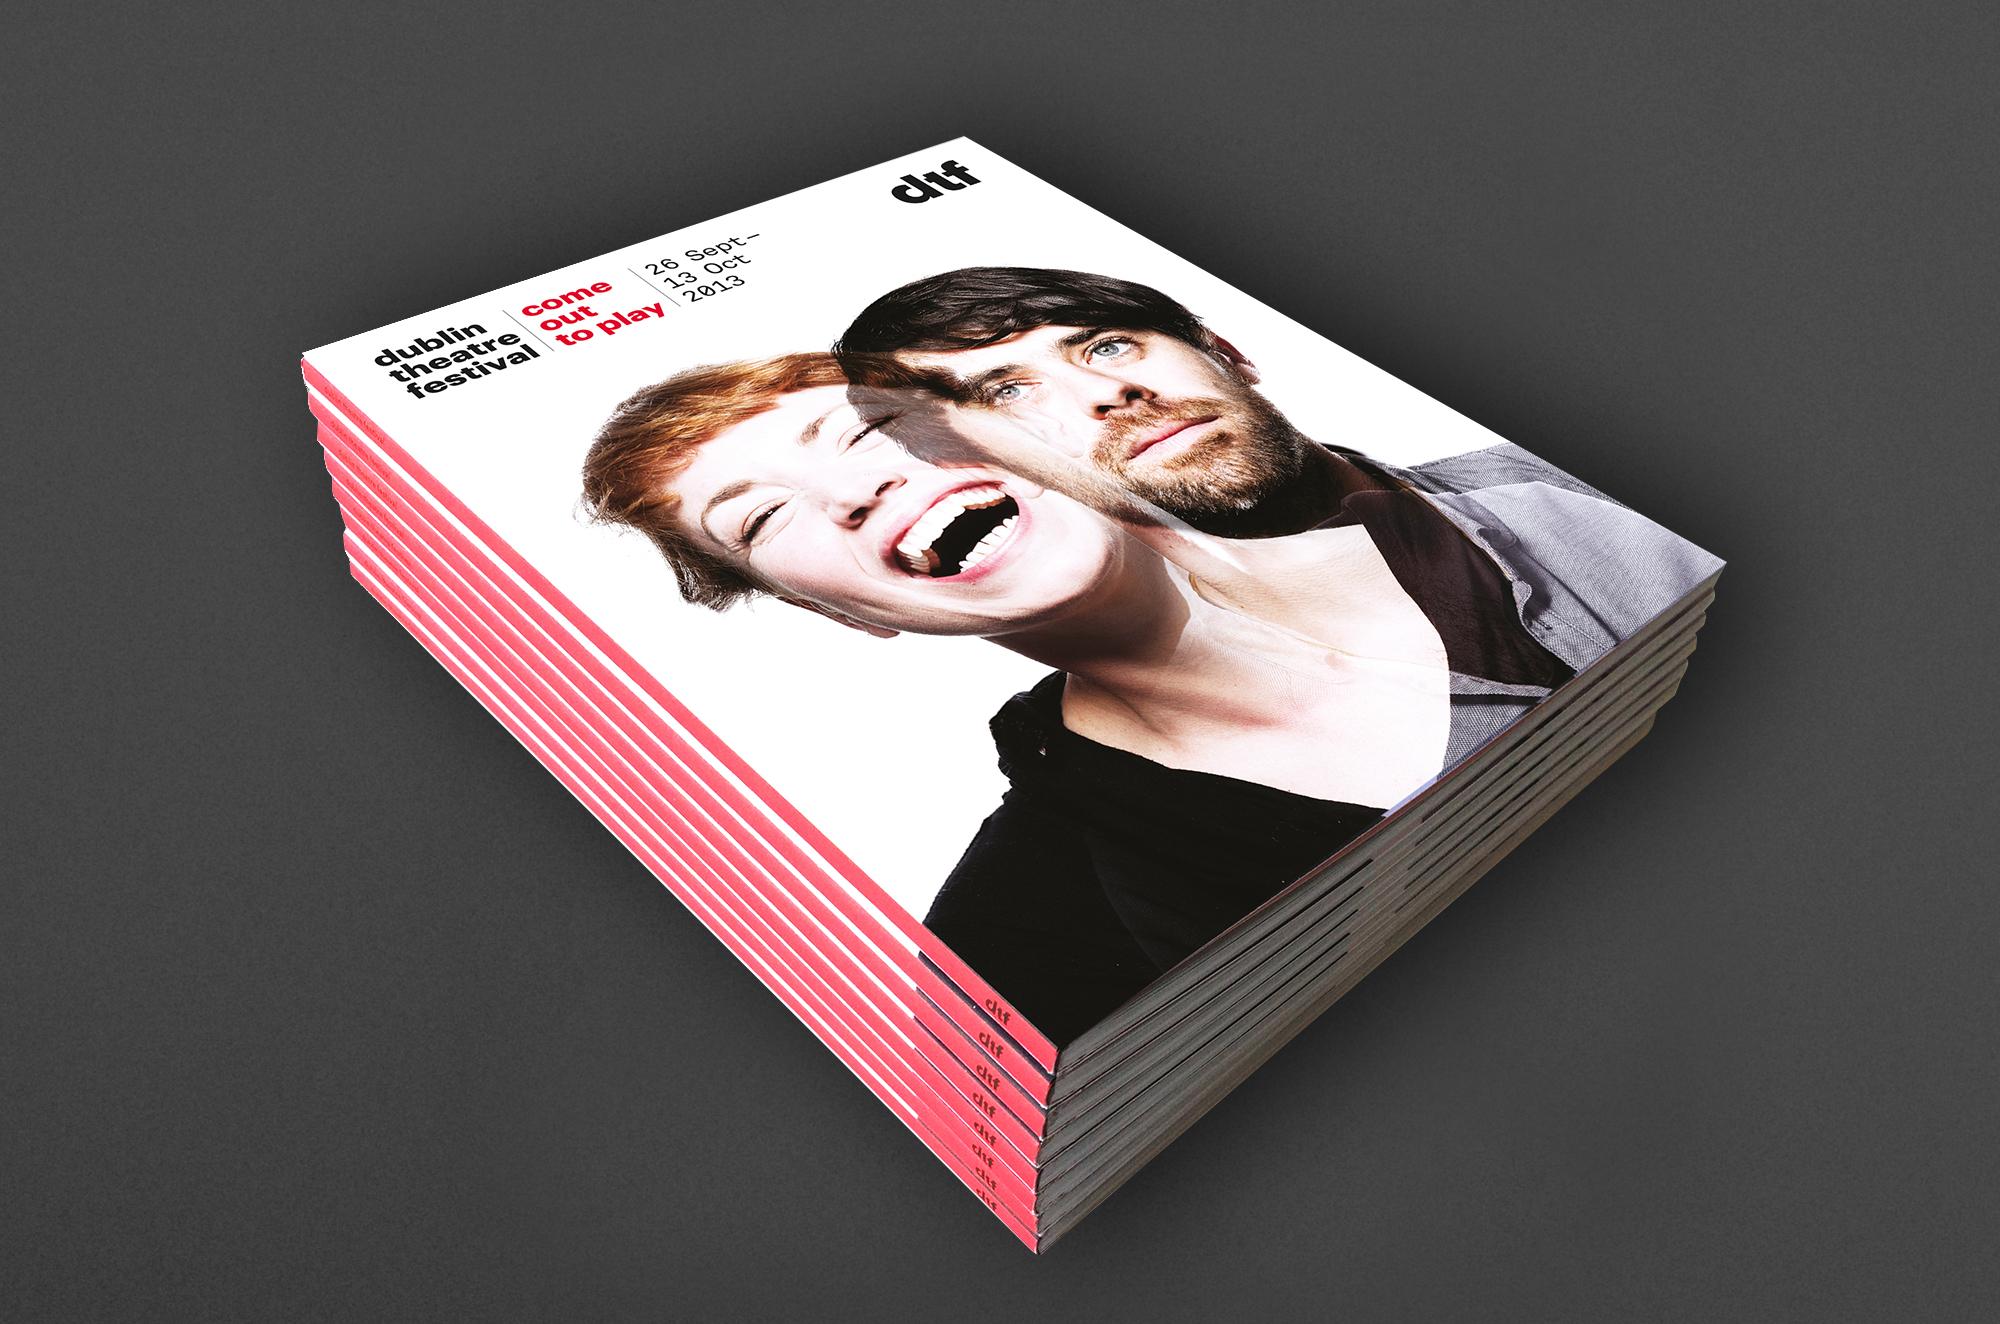 Cover image: Dublin Theatre Festival (2013)